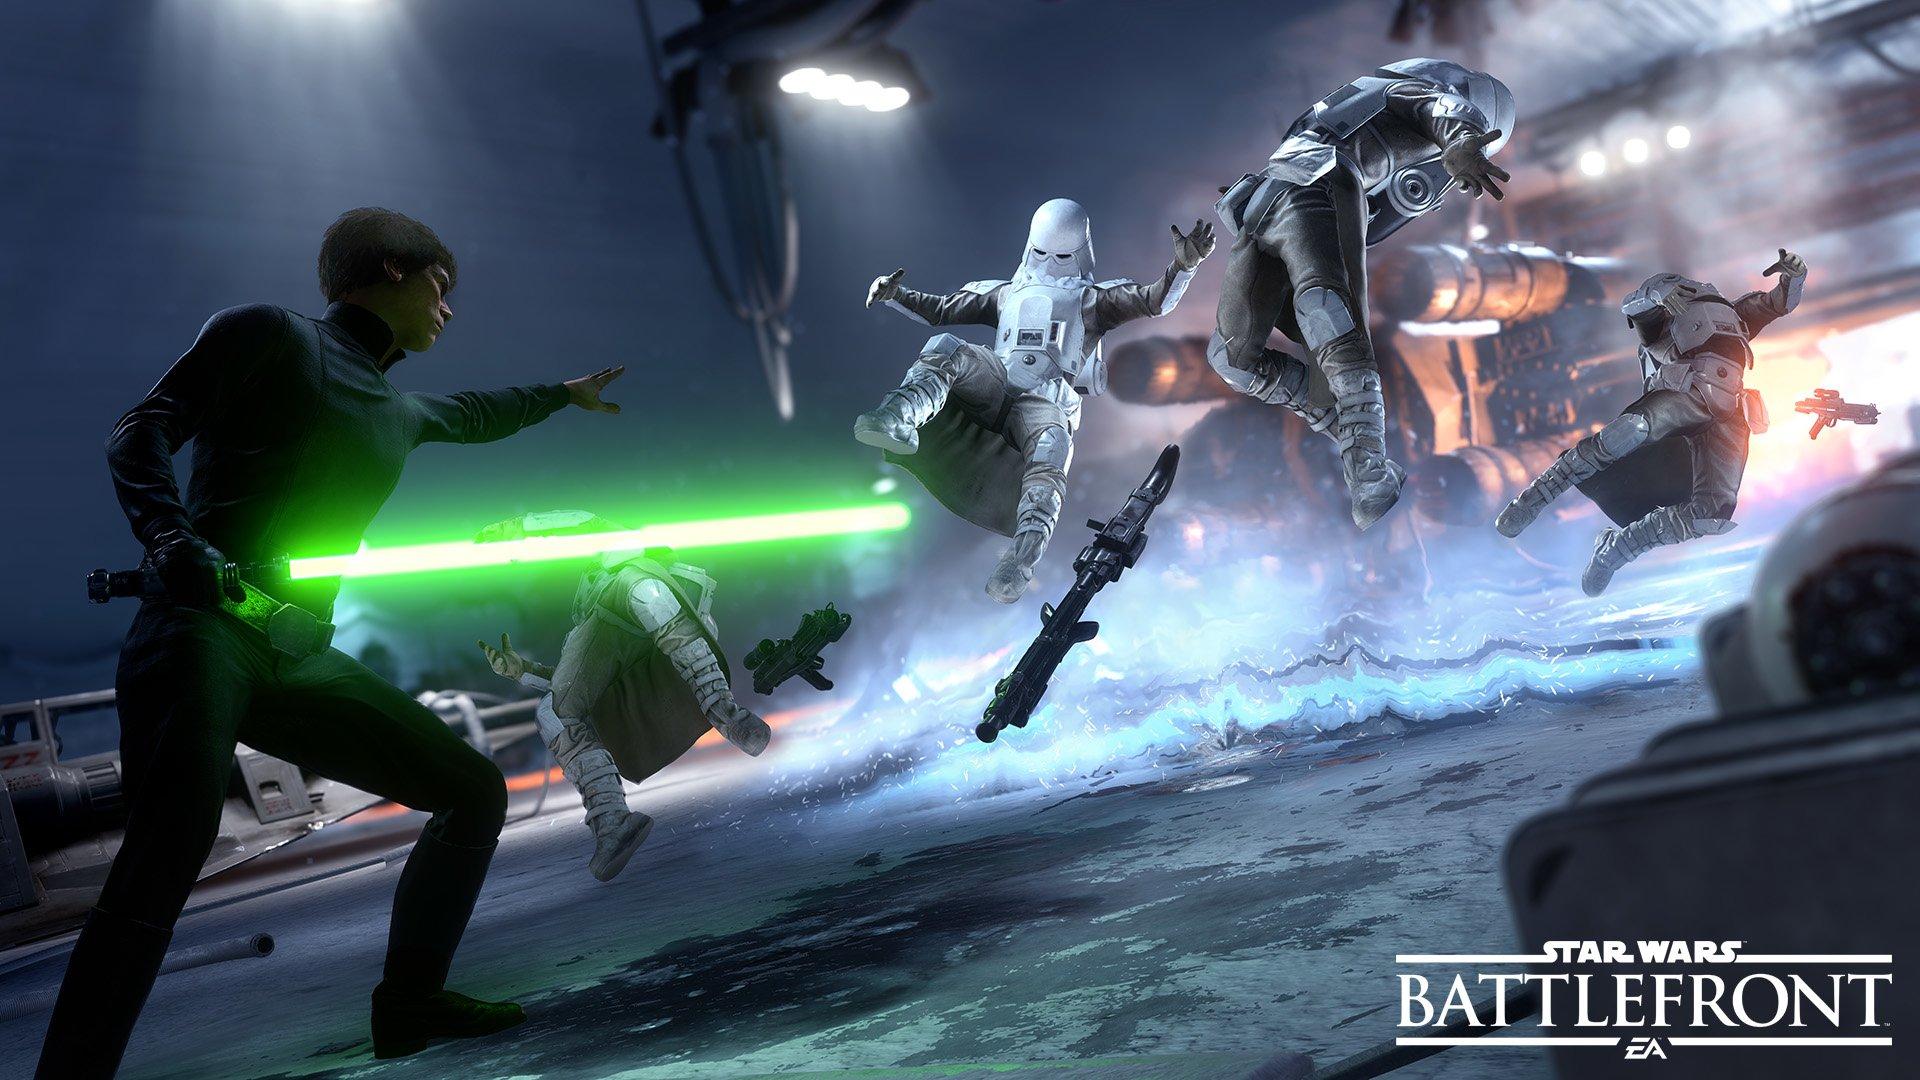 Video Game - Star Wars Battlefront (2015)  Star Wars: Battlefront Luke Skywalker Wallpaper